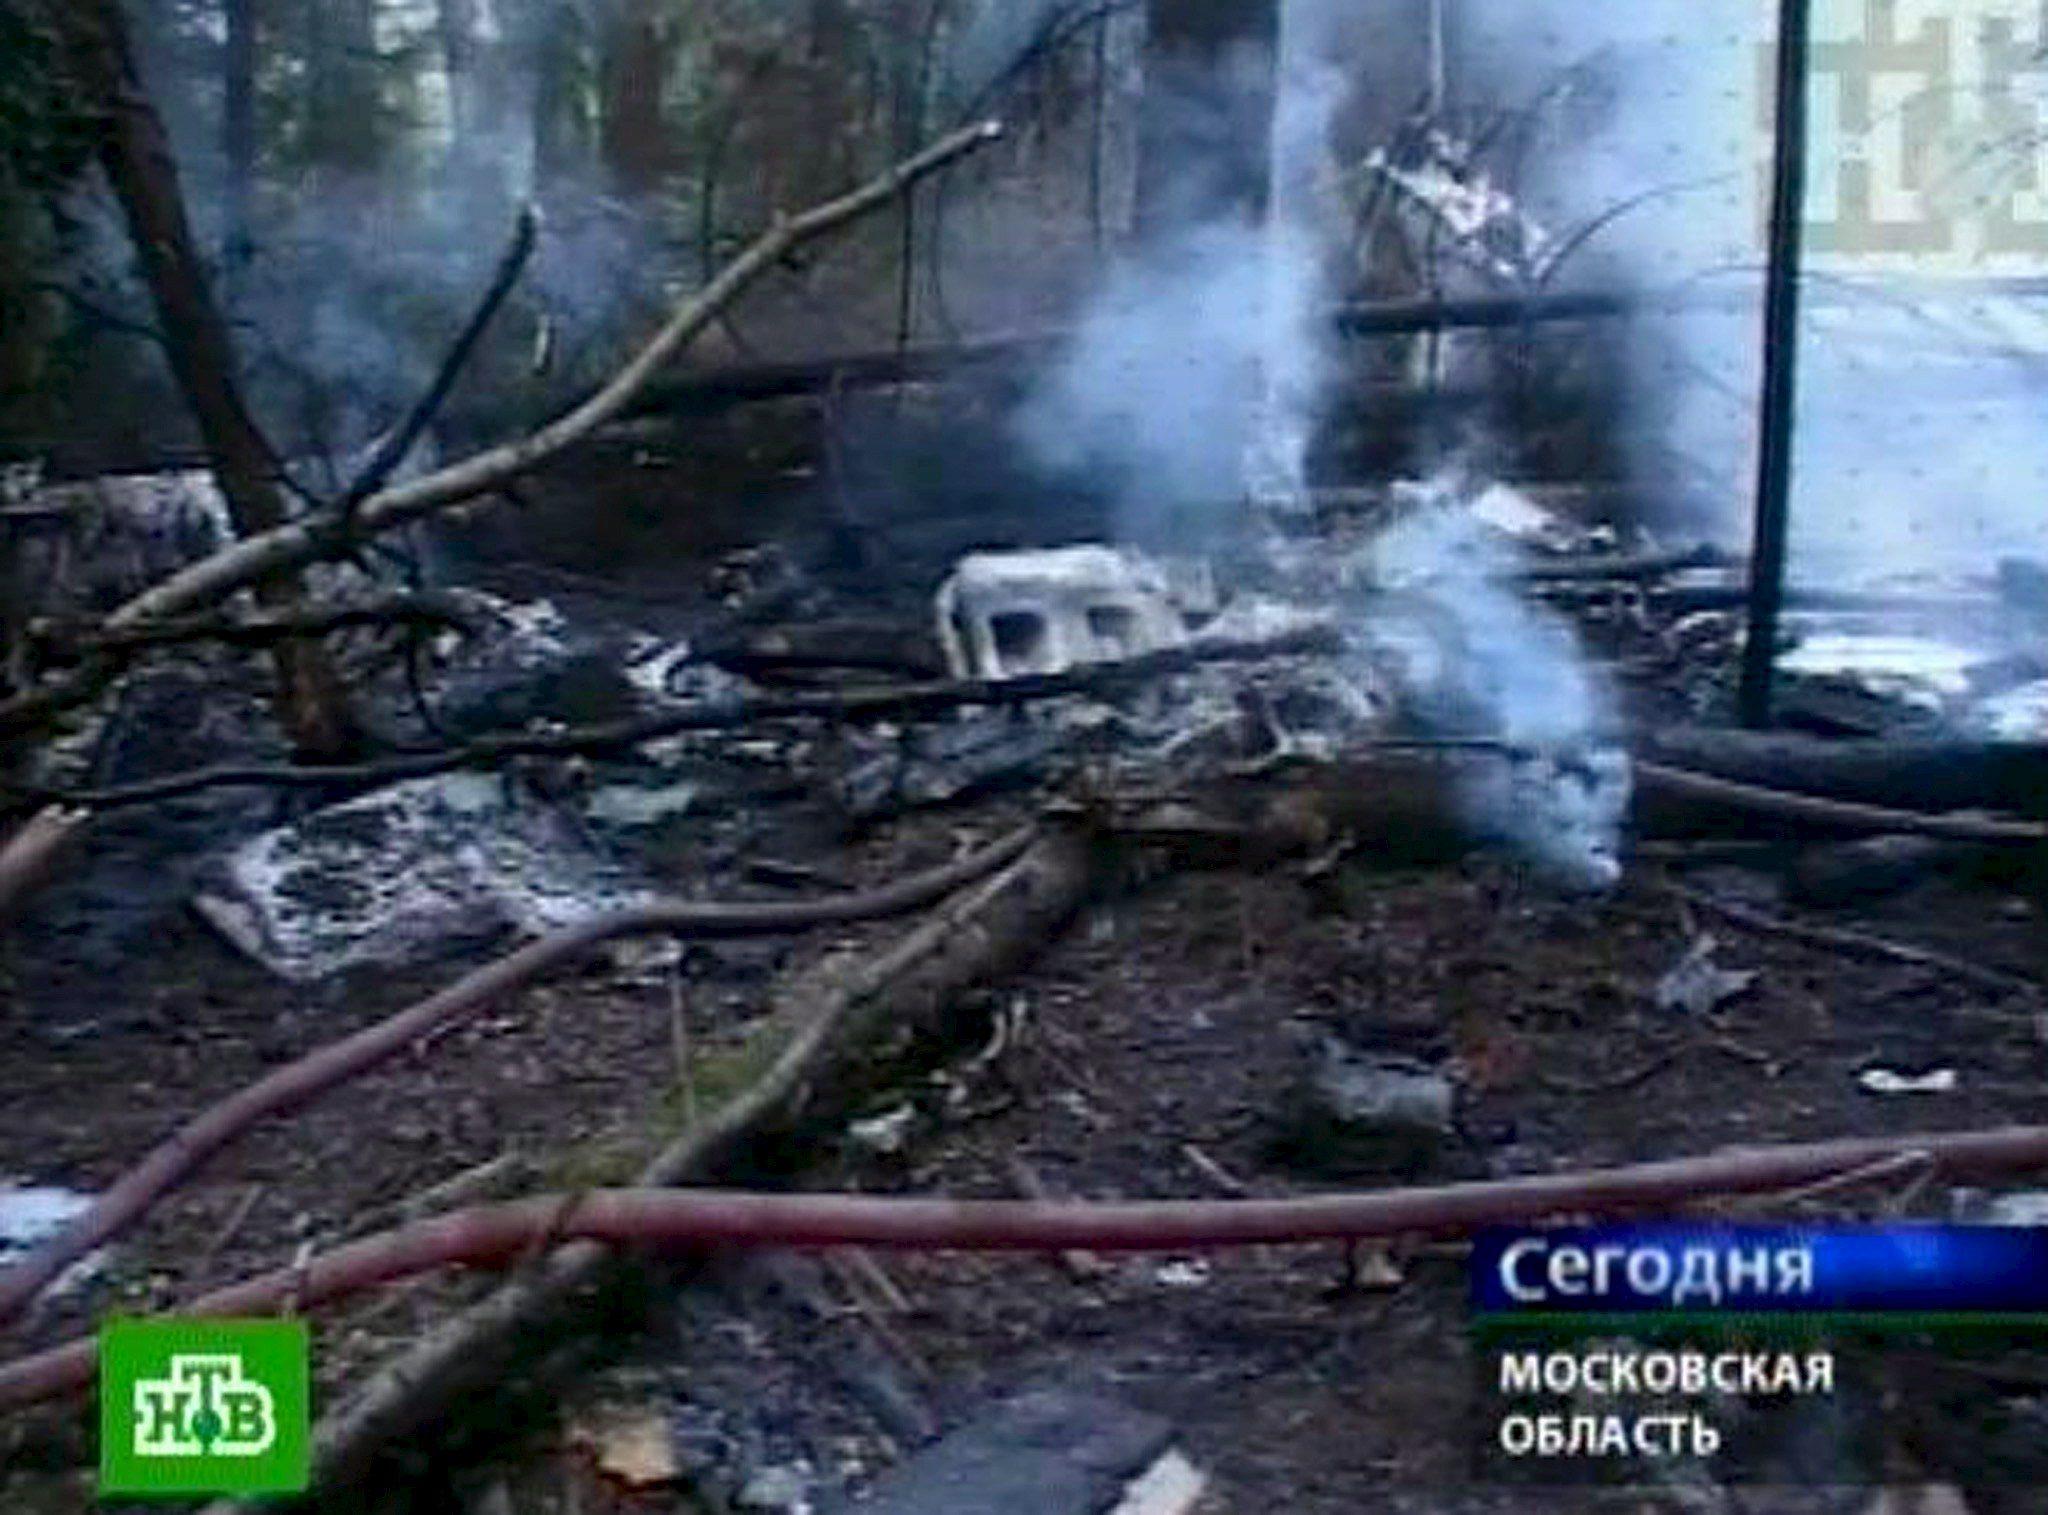 Mueren nueve personas al estrellarse un avión An-12 en Siberia